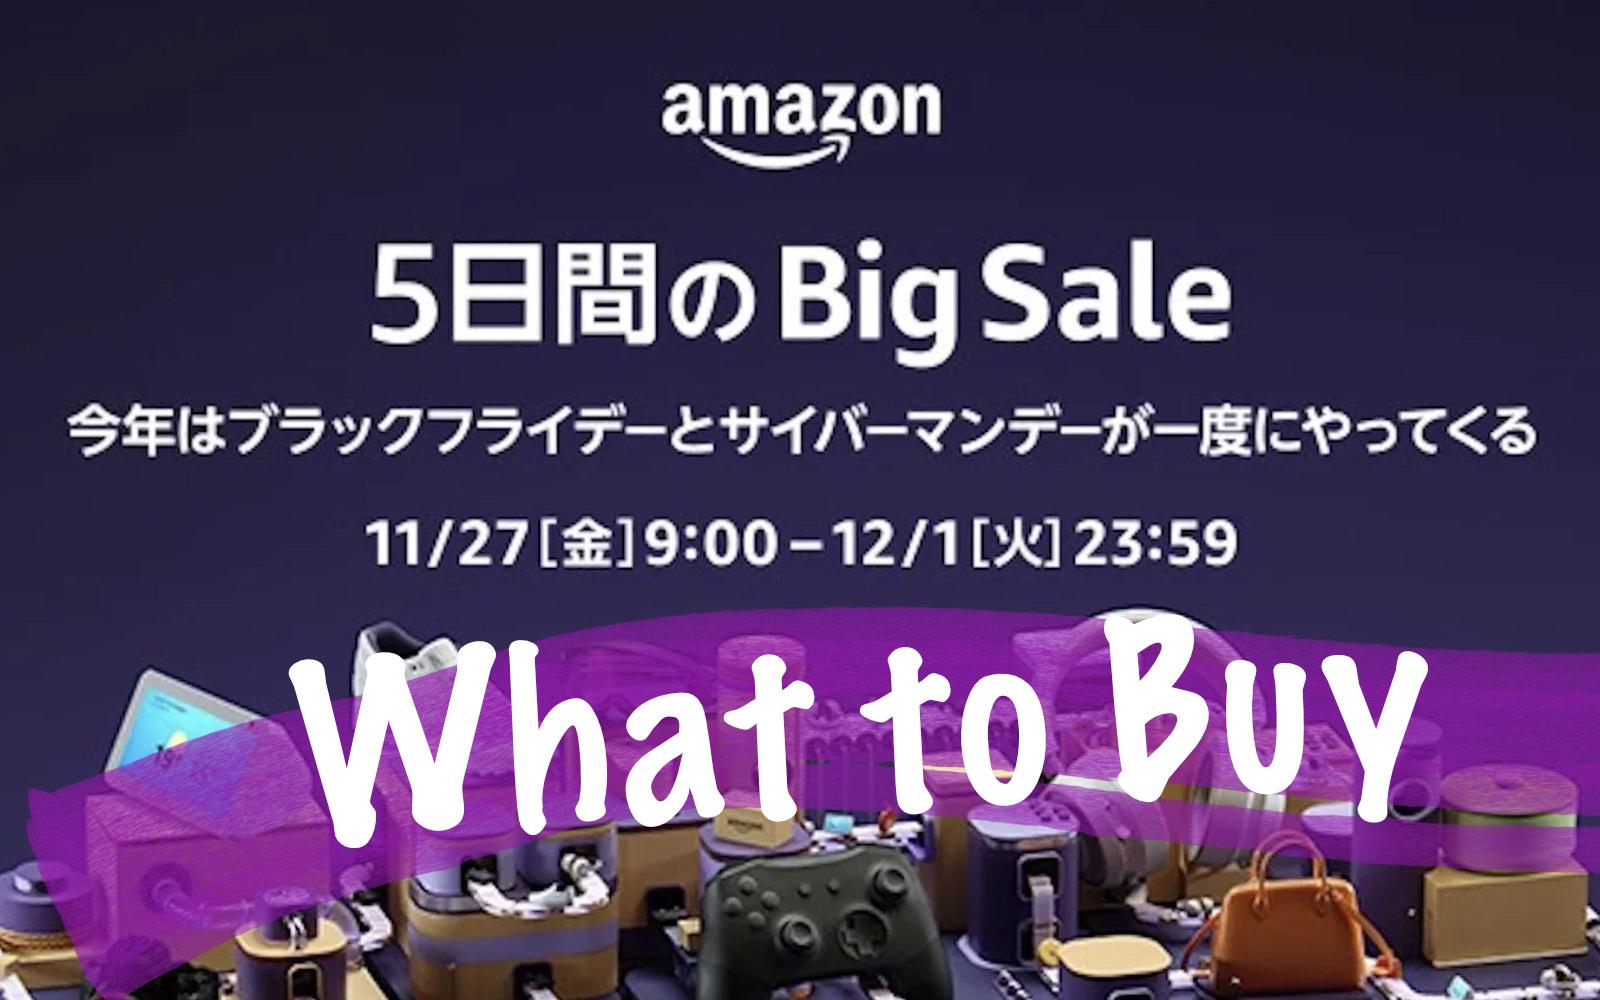 Amazon Big Sale What To Buy